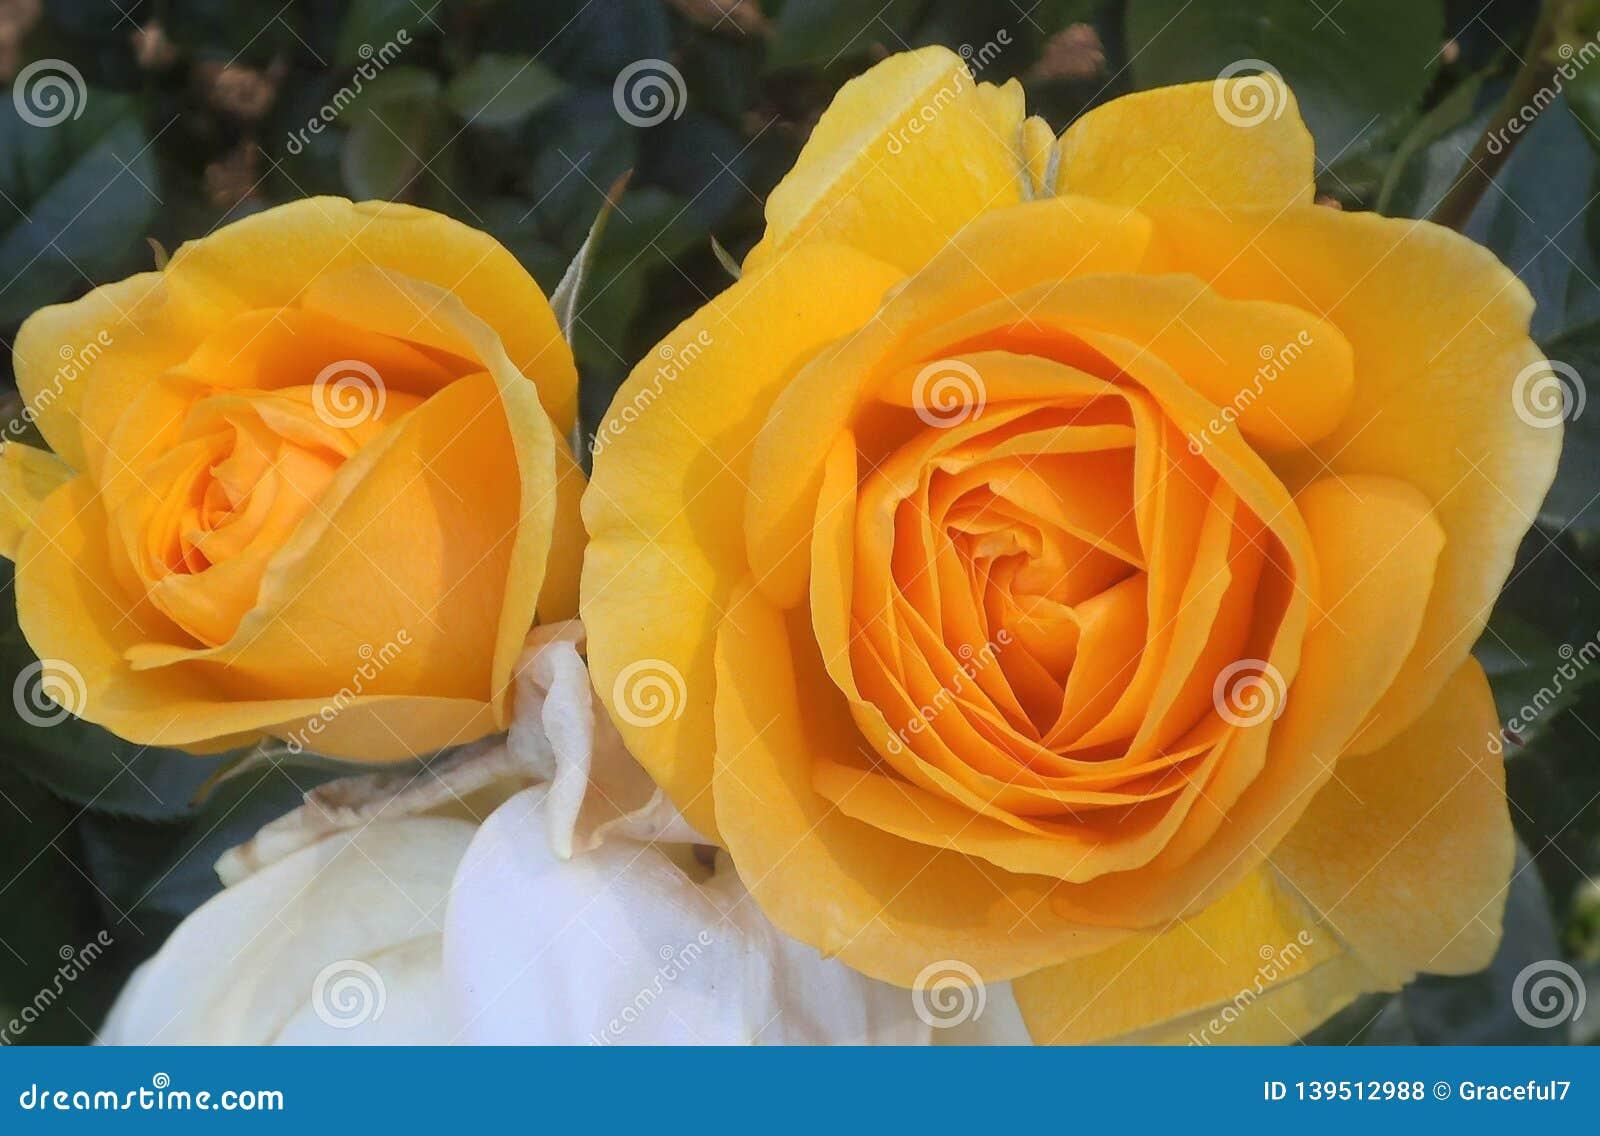 Schitterende Heldere & Aantrekkelijke Gele Rose Flowers Blossom At B C Parktuin Canada in de Zomer van 2018